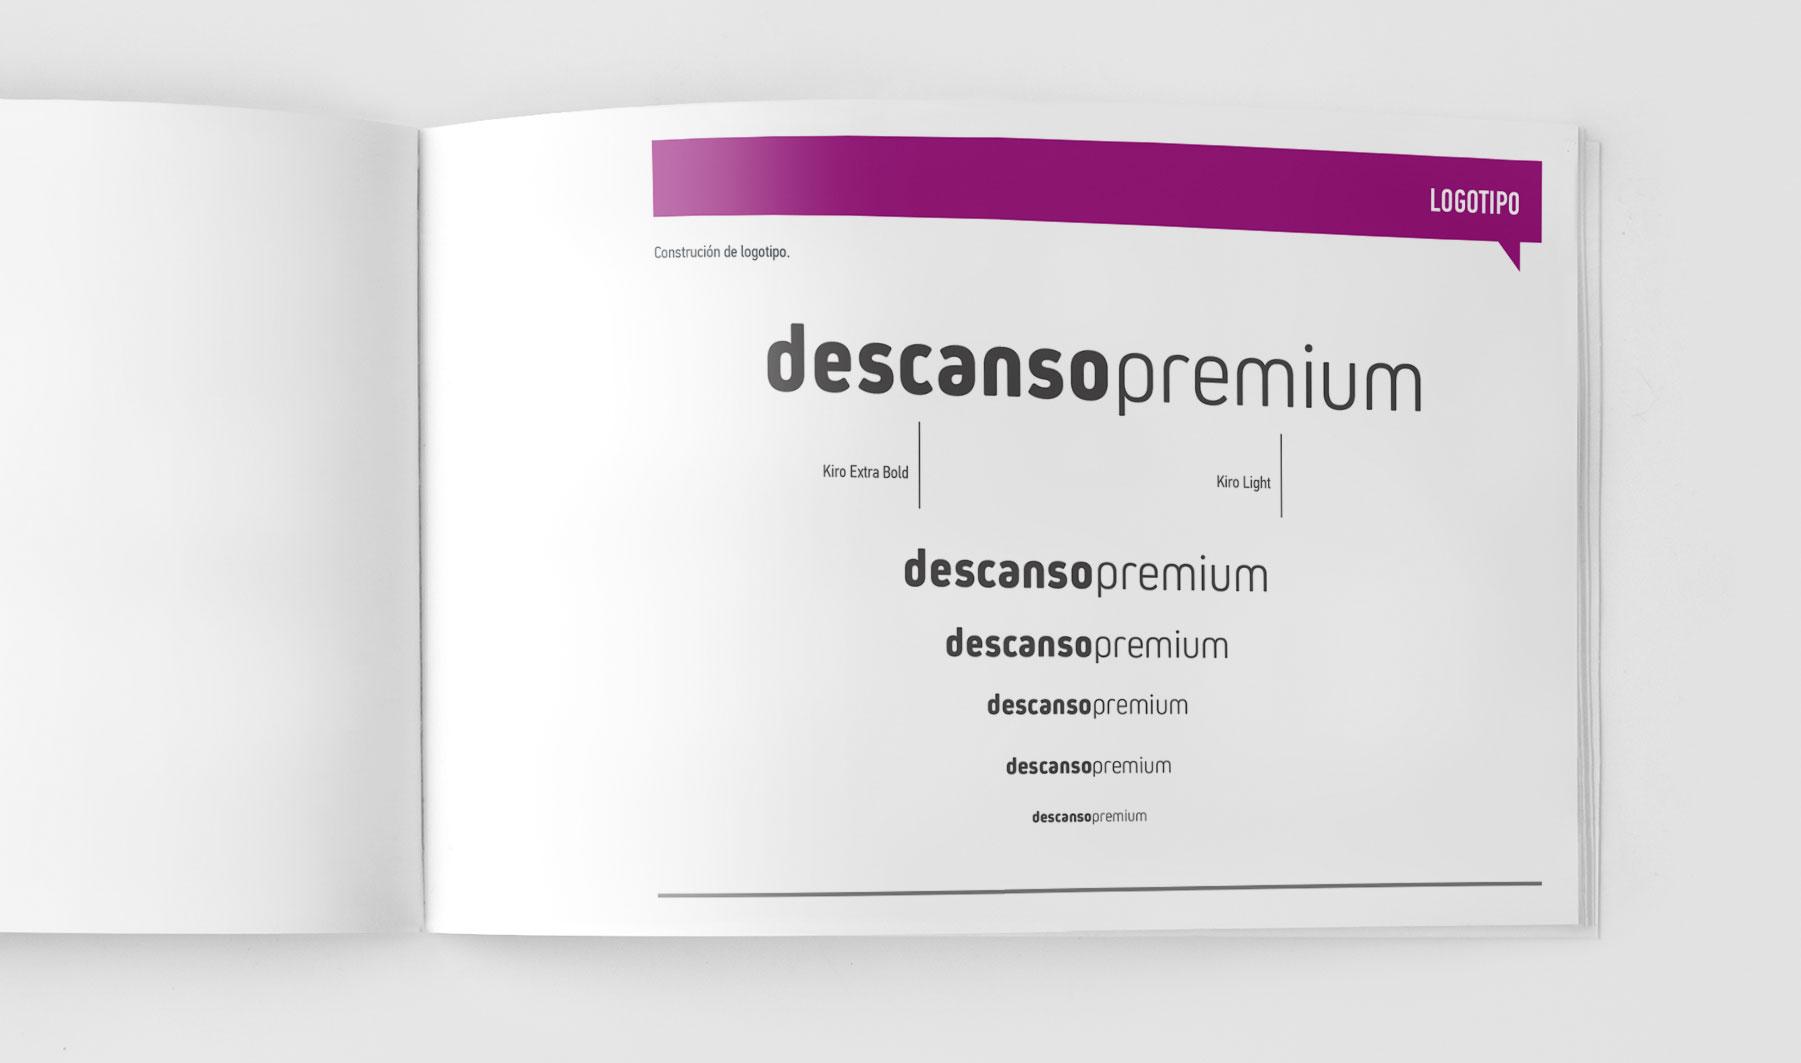 descanso-premium-imagen-corporativa-01